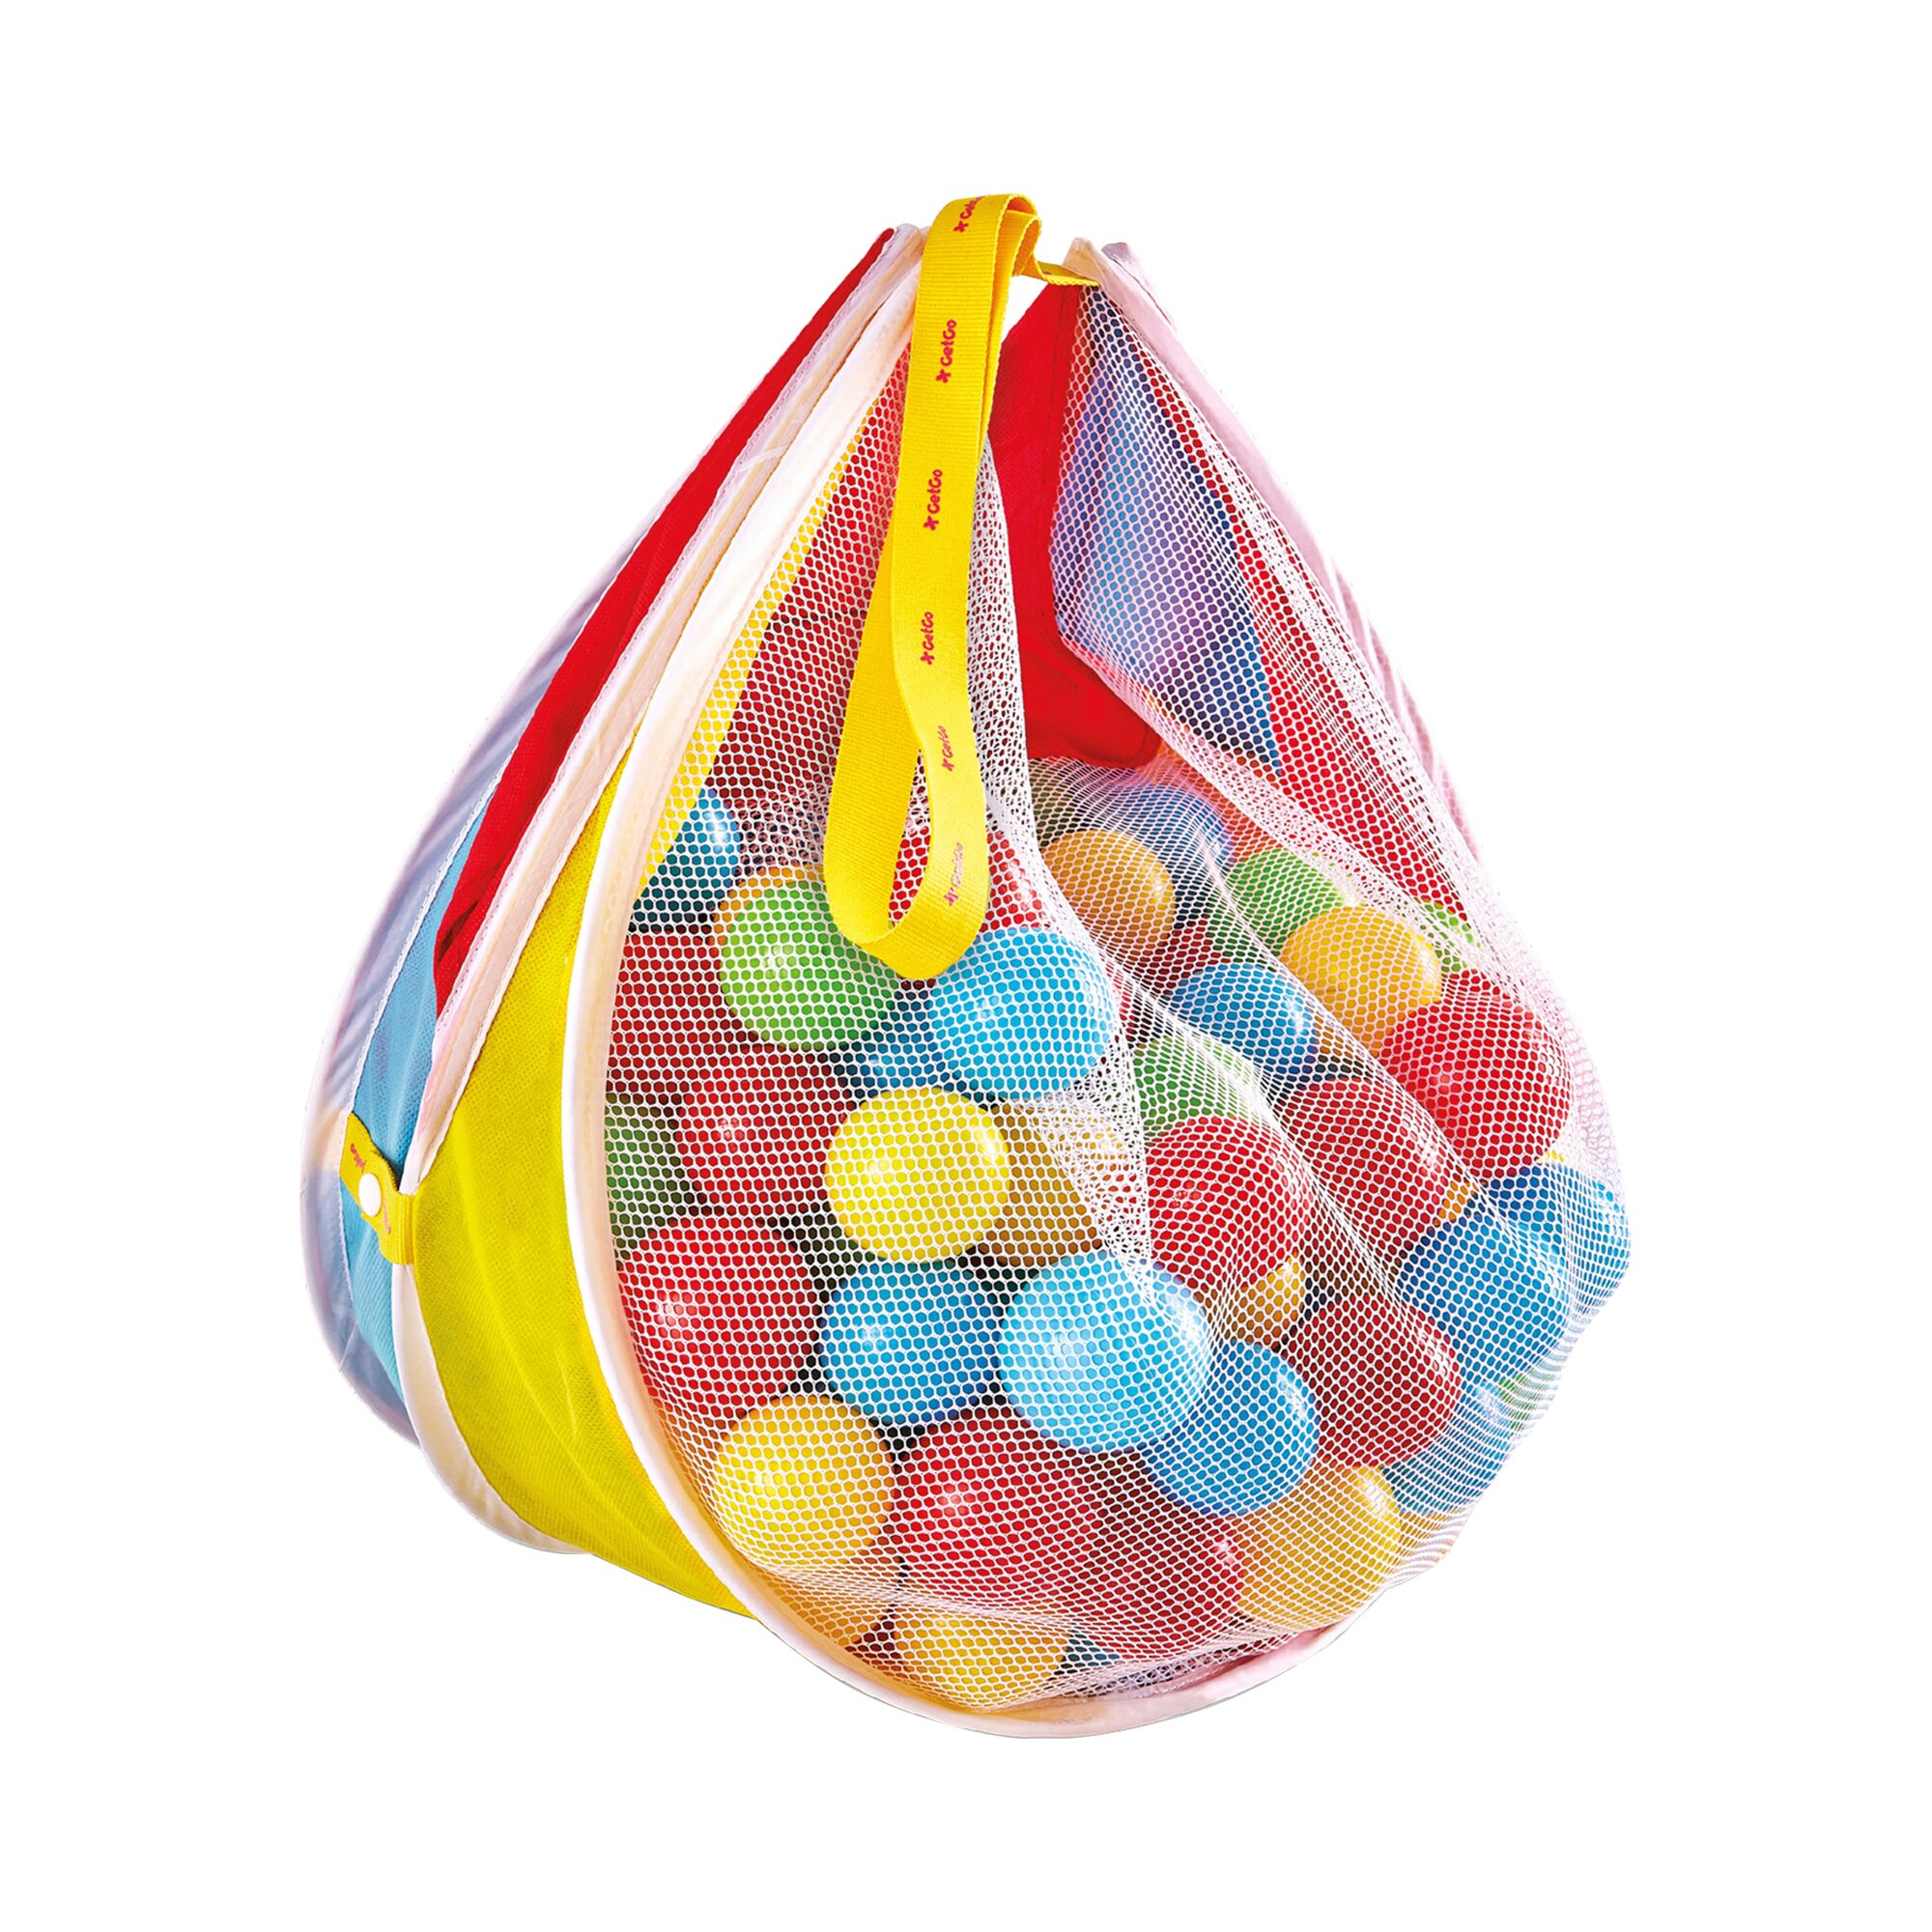 worldsapart-2-in-1-pop-up-ballebad-mit-50-ballen, 27.99 EUR @ babywalz-de